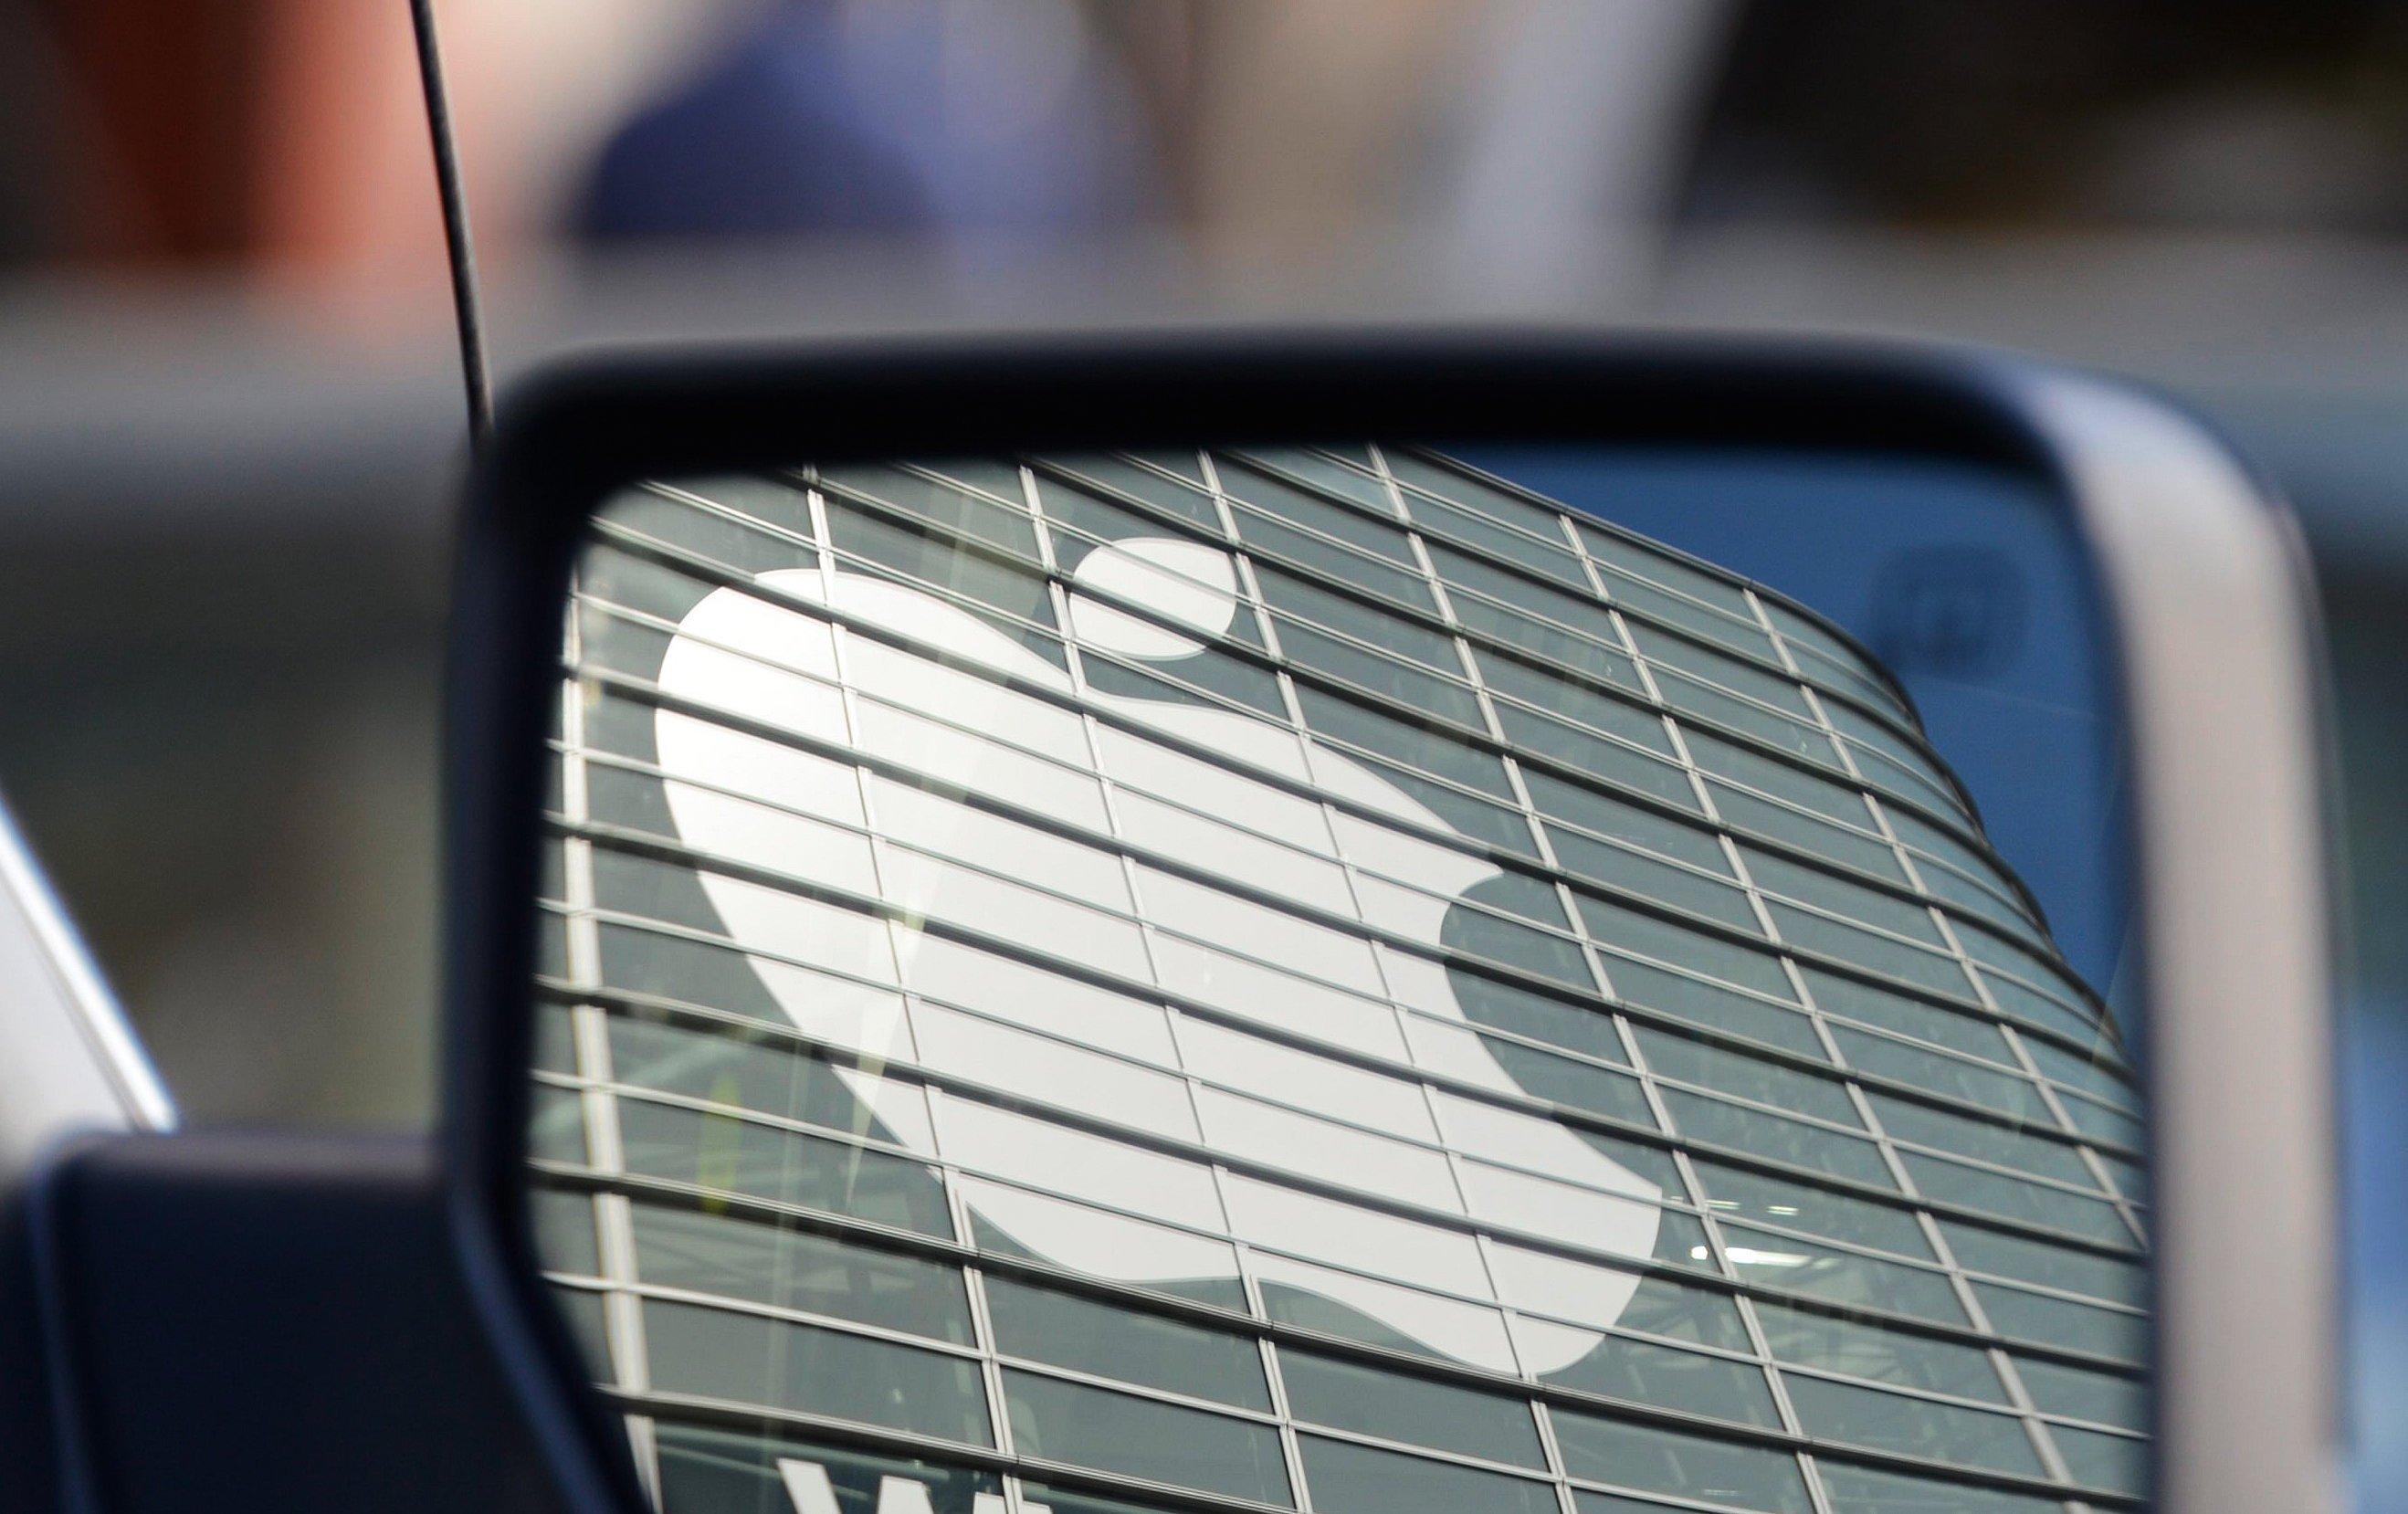 Sehen wir den berühmten Apfel zukünftig auf dem Kühlergrill autonomer Autos? Apple hat in einem Brief an dieNational Highway Traffic Safety Administration signalisiert, dass der Konzern Tests mit autonom fahrenden Autos plant.